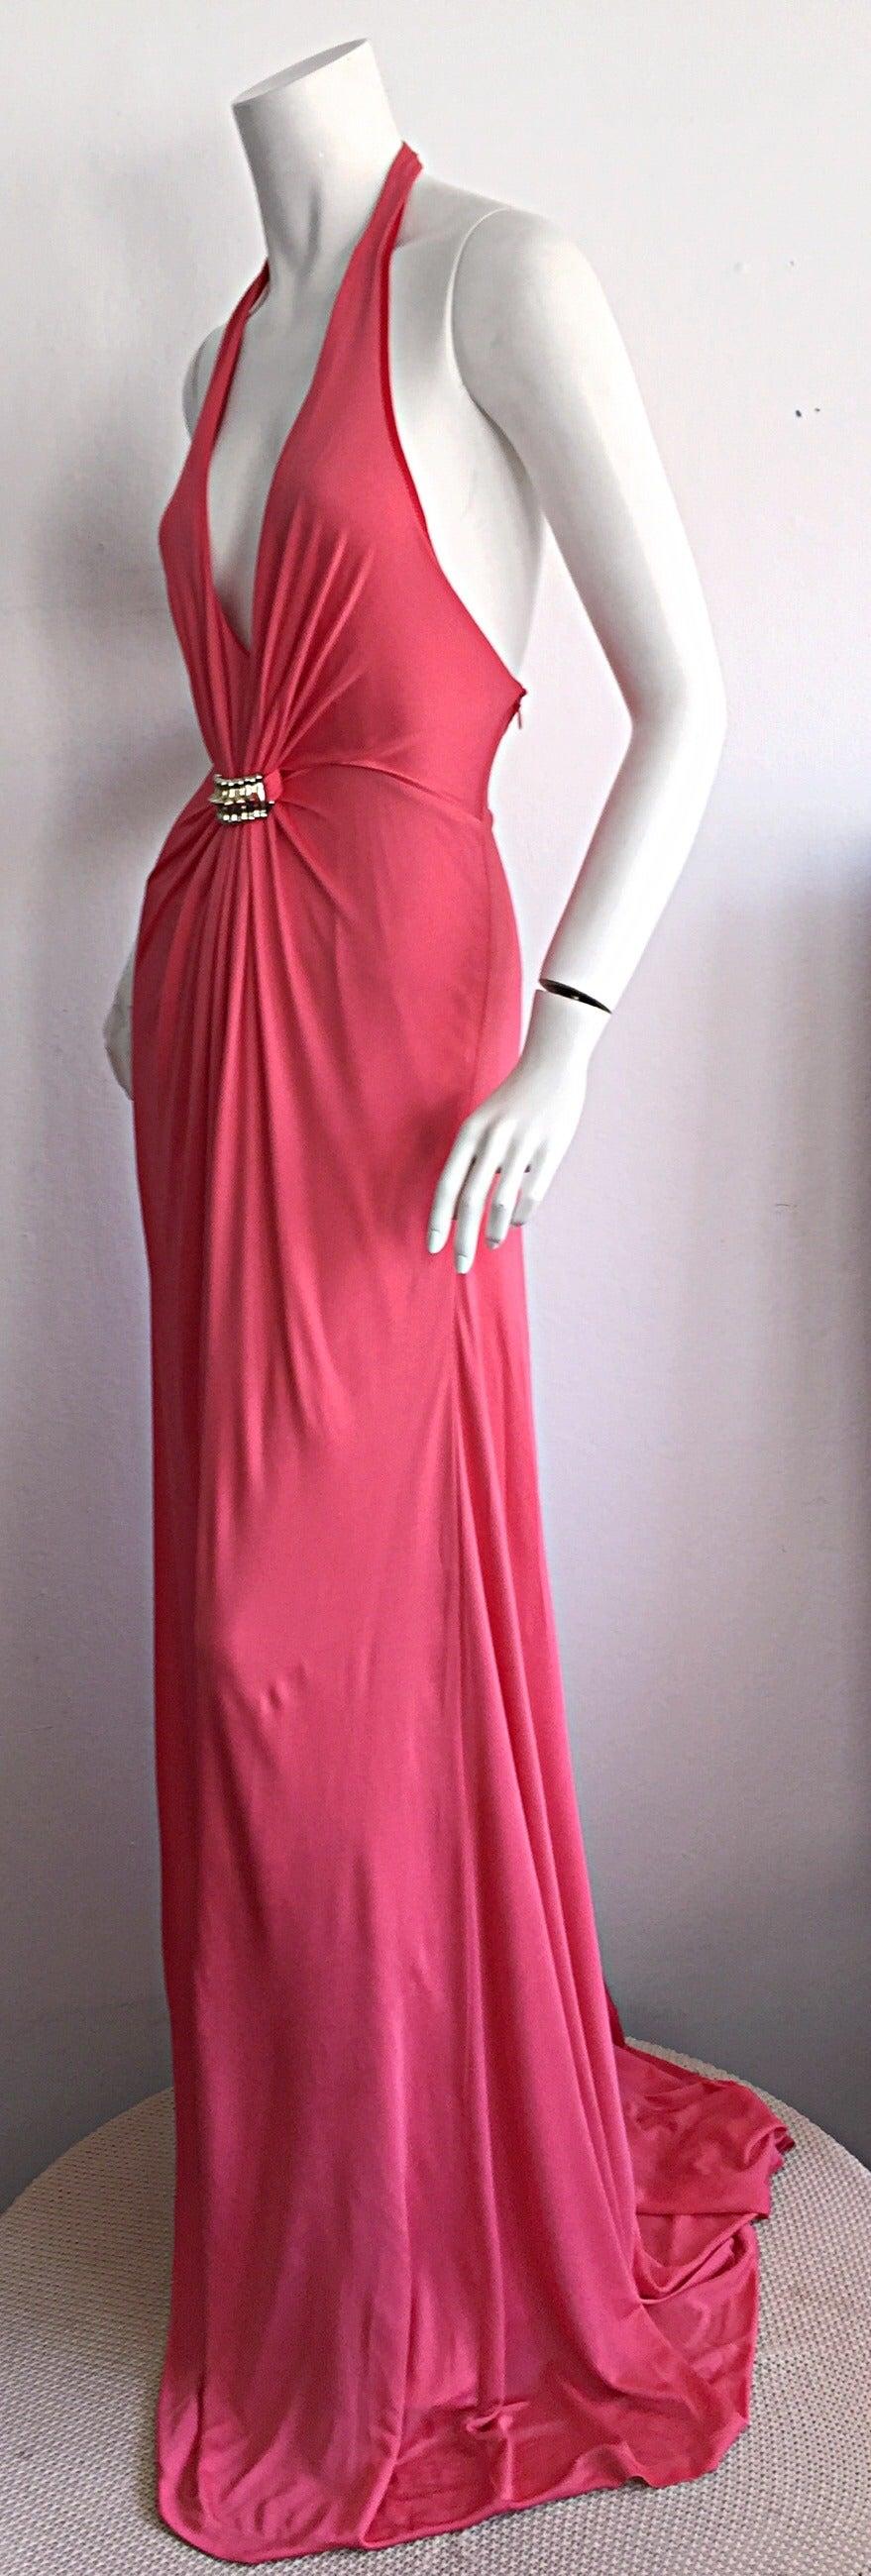 Byblos Pink Silk Jersey ' Plunge ' Pink Coral Halter Gown w/ Spikes 4